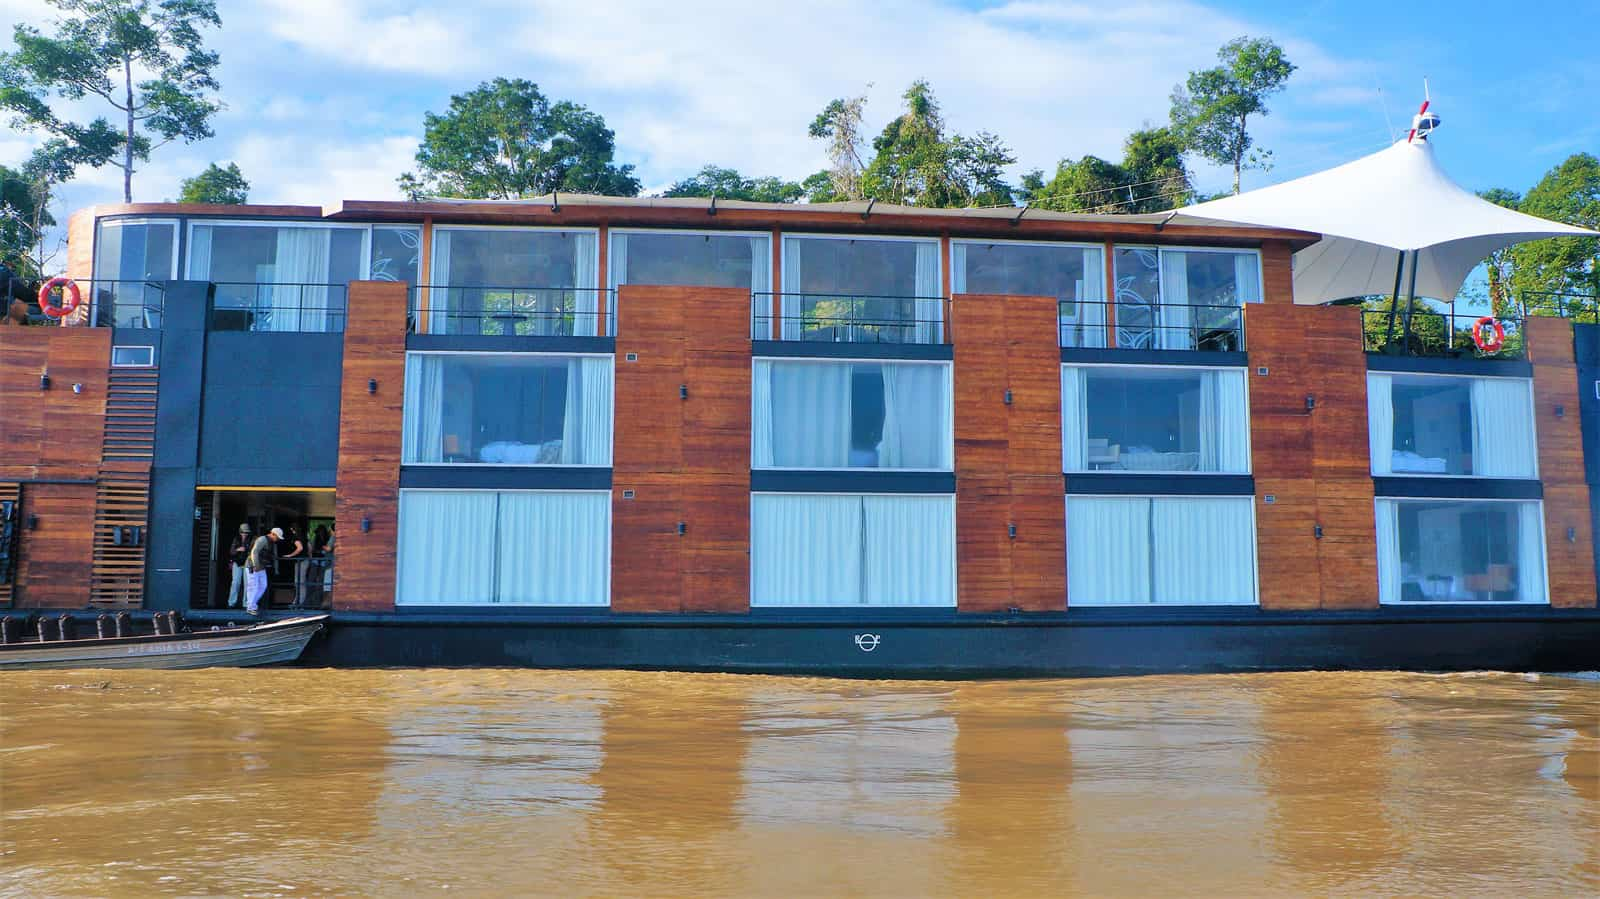 AMAZONAS PERUANO EN EL AQUA EXPEDITIONS: HOY PASEO EN EL CRUCERO…MAS ADELANTE TODO LO QUE VEMOS EN SEMEJANTE  PULMON DE LA NATURALEZA!